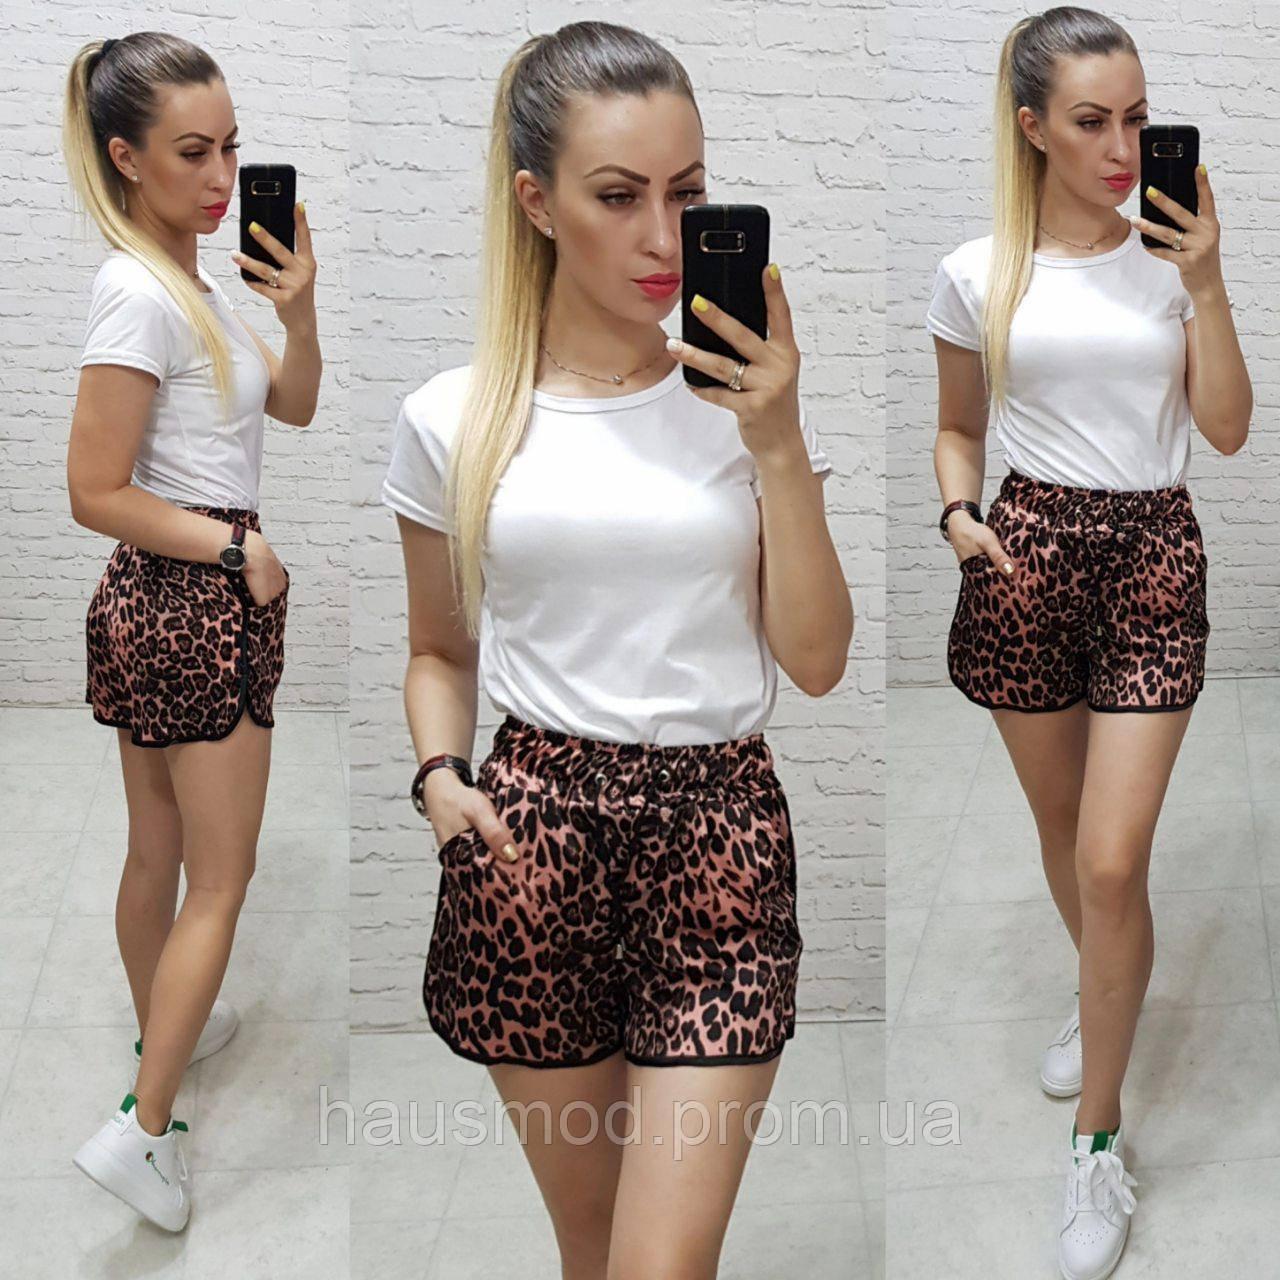 Женские шорты короткие ткань шелк Армани принтованый цвет тигр темный